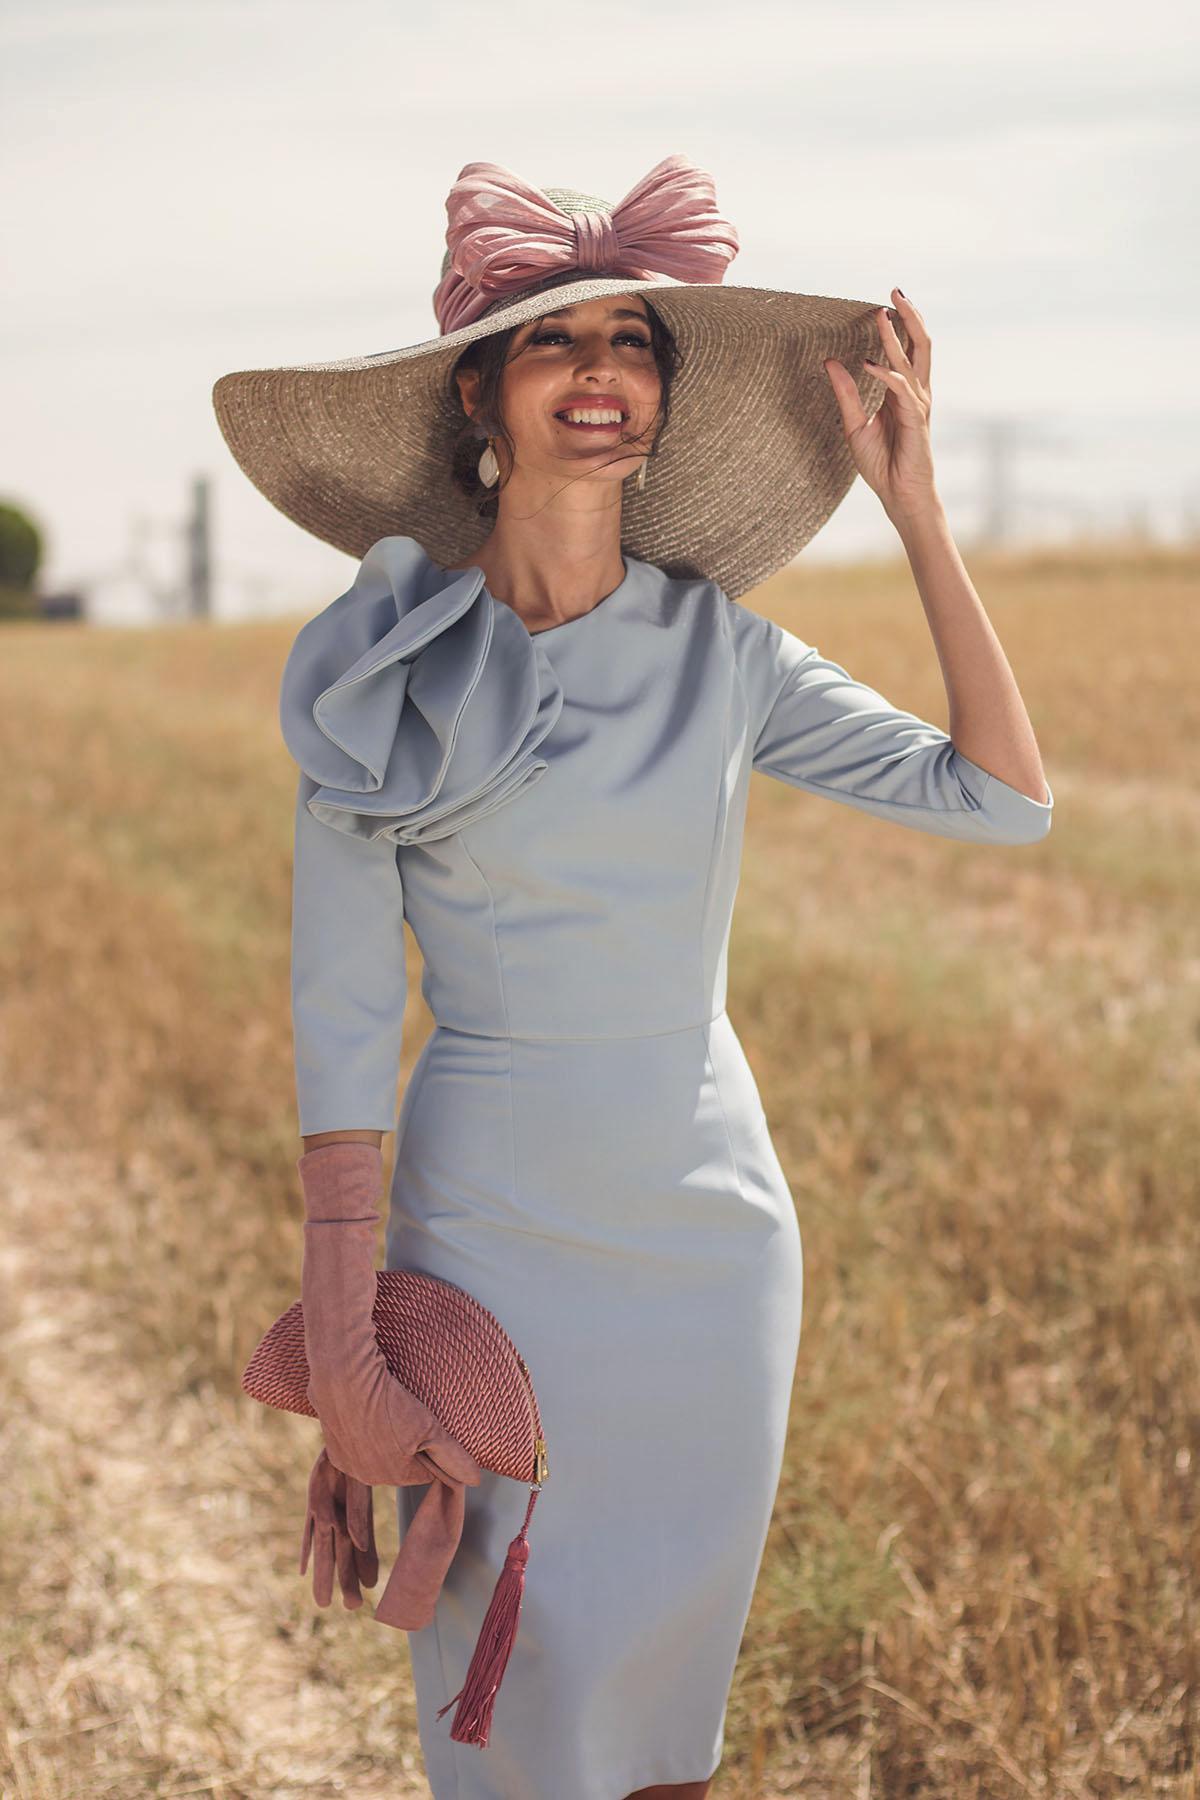 Blancaspina Mañana Boda Con Vestido Invitada De Azul Y H2EWIDY9